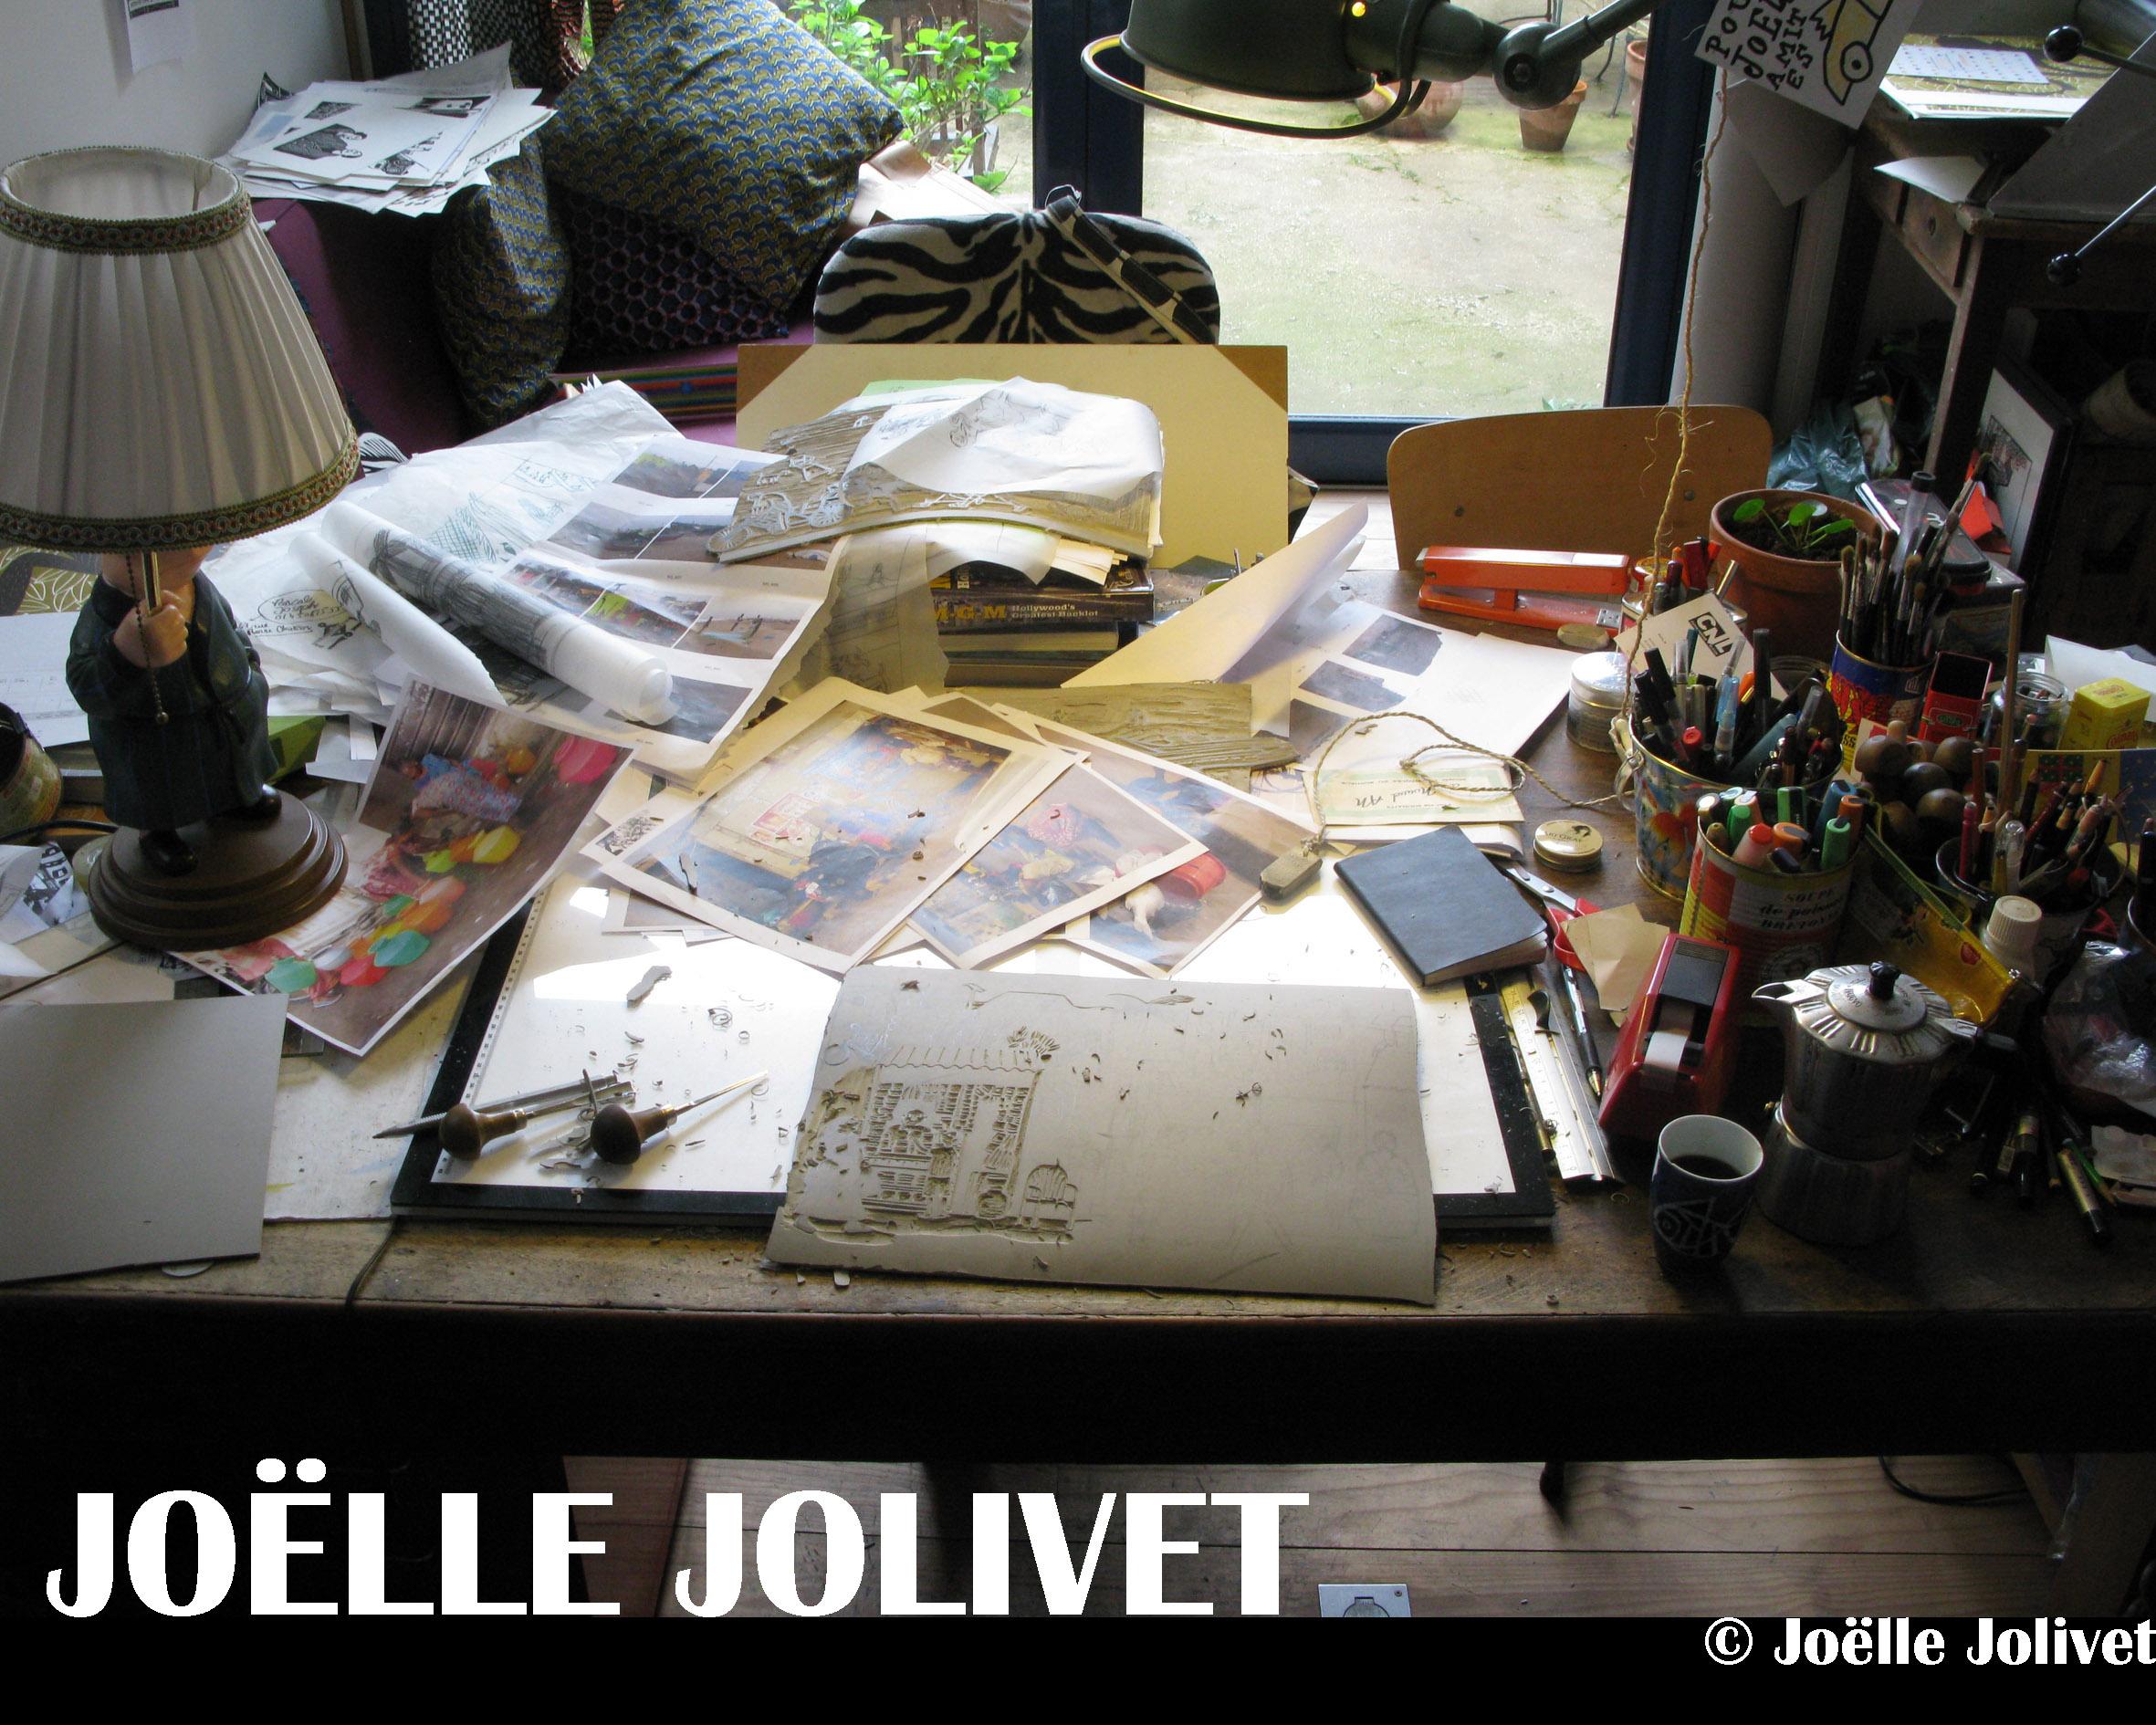 Joëlle Jolivet